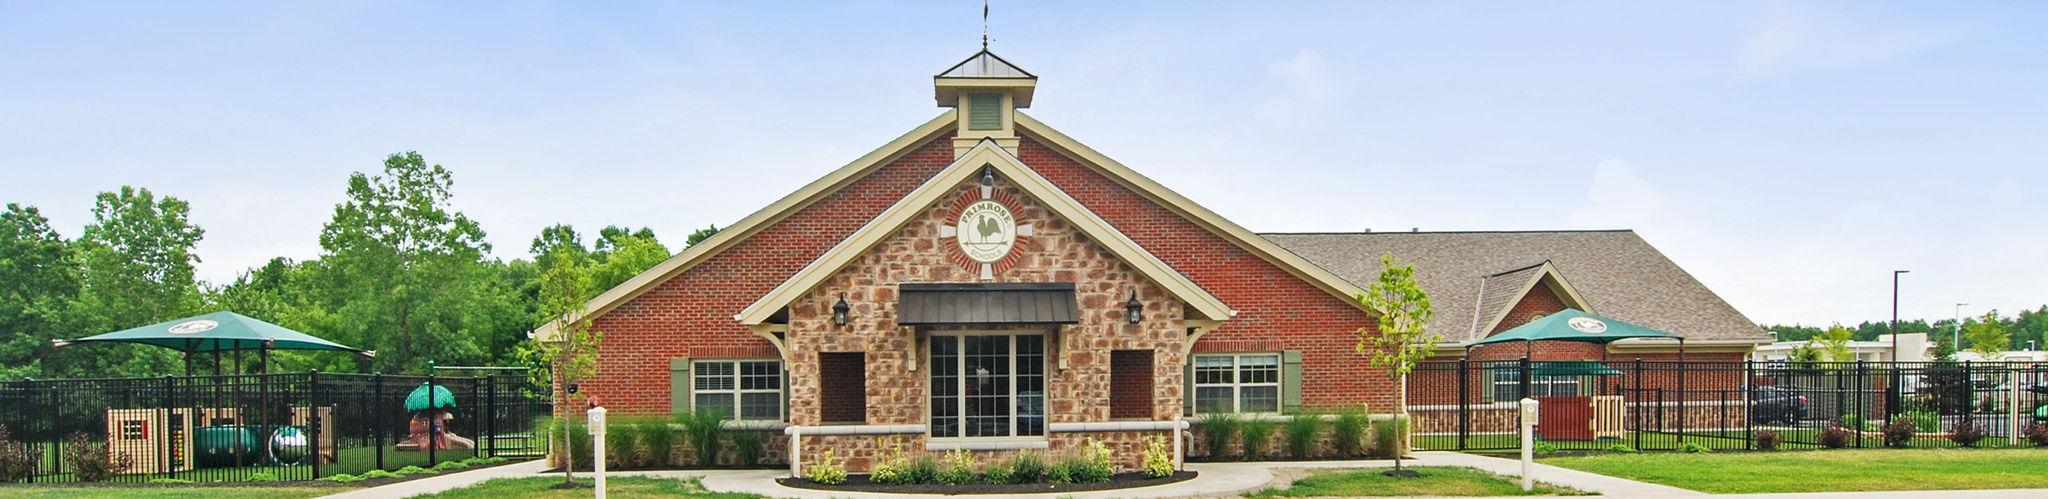 Exterior of a Primrose School of Avon